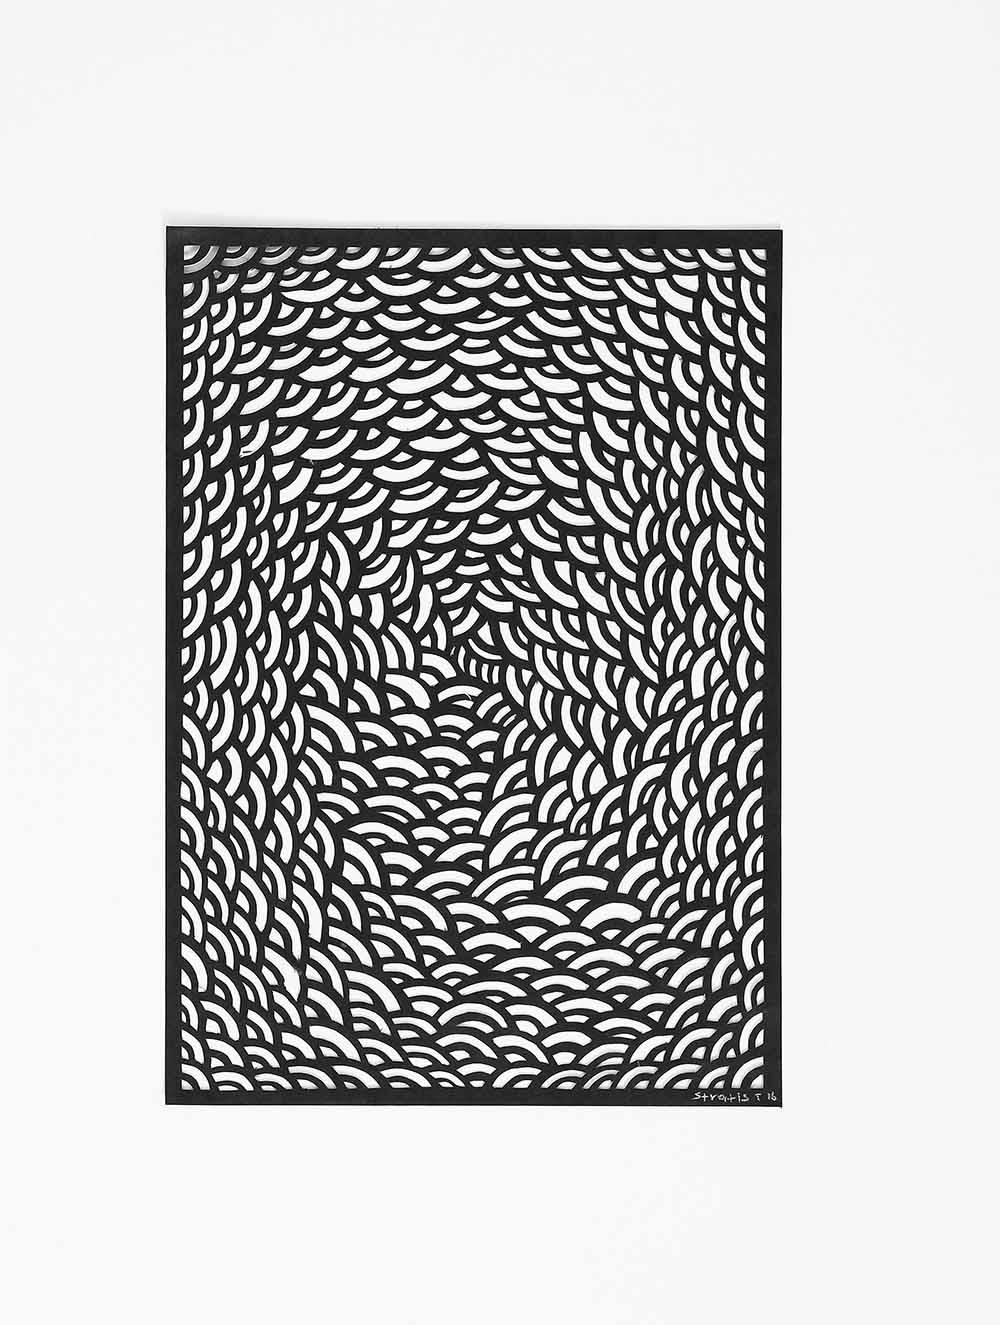 Untitled Black Arcs Medium.jpg